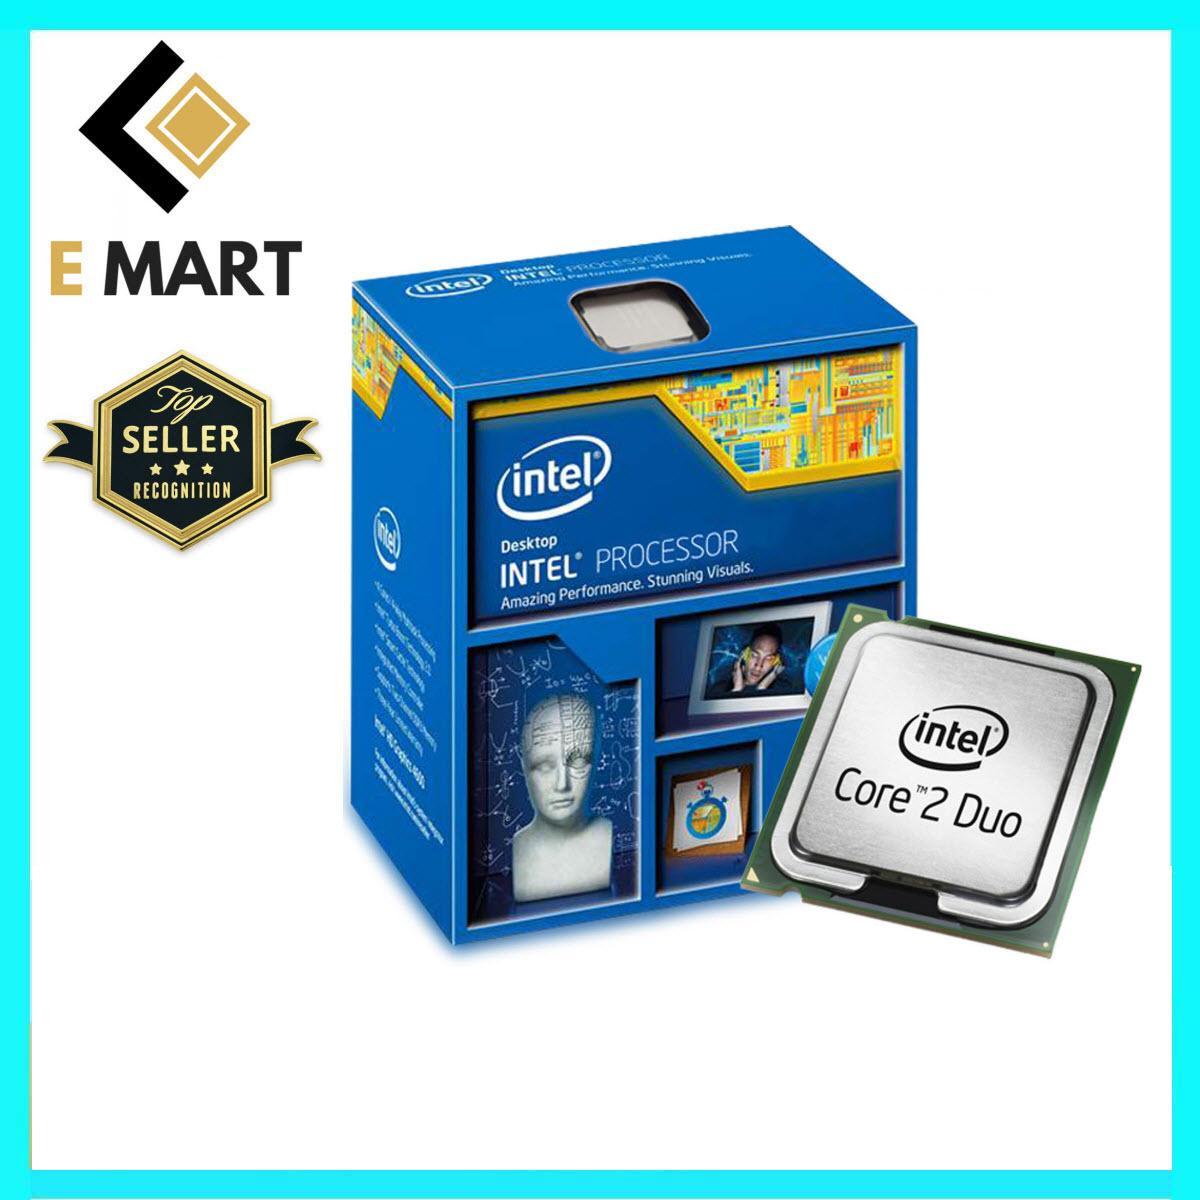 Bộ vi xử lý Intel CPU Core 2 Duo E8200 ( 2 lõi - 2 Luồng) Chất Lượng Tốt - Hàng Nhập Khẩu